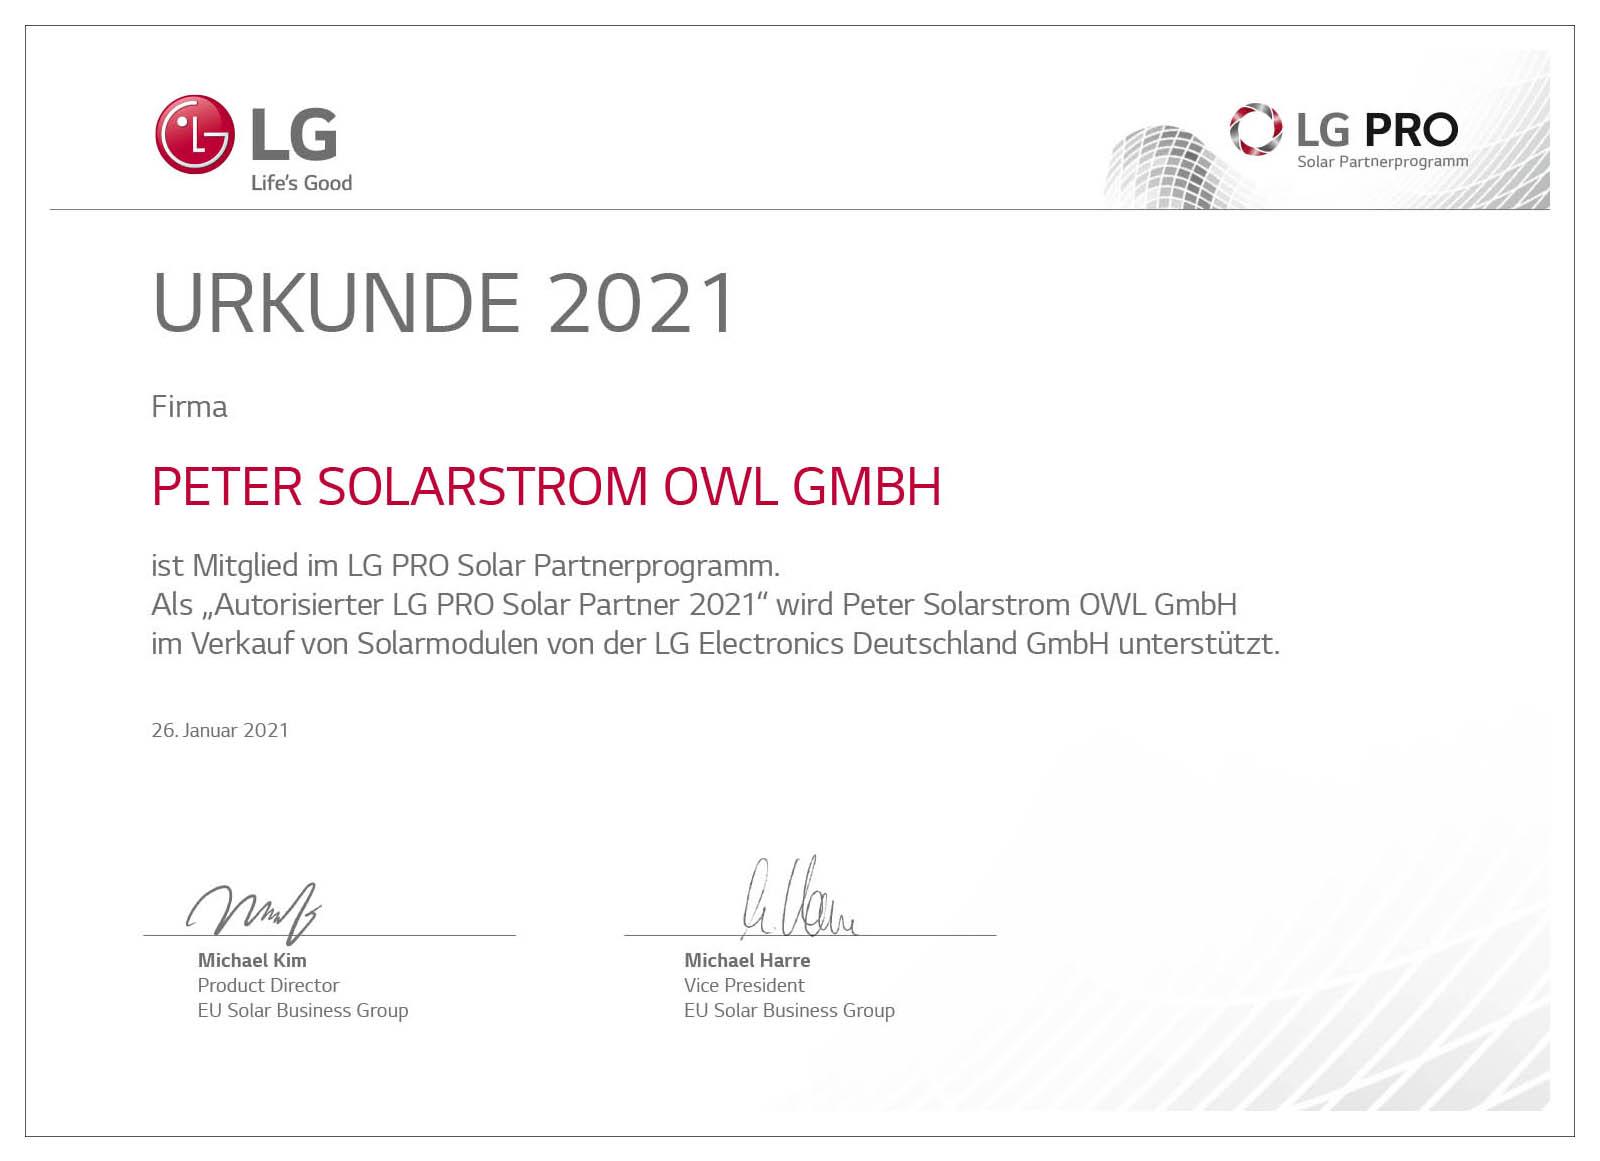 Peter Solarstrom OWL   News   LG PRO Autorisierter Partner Urkunde